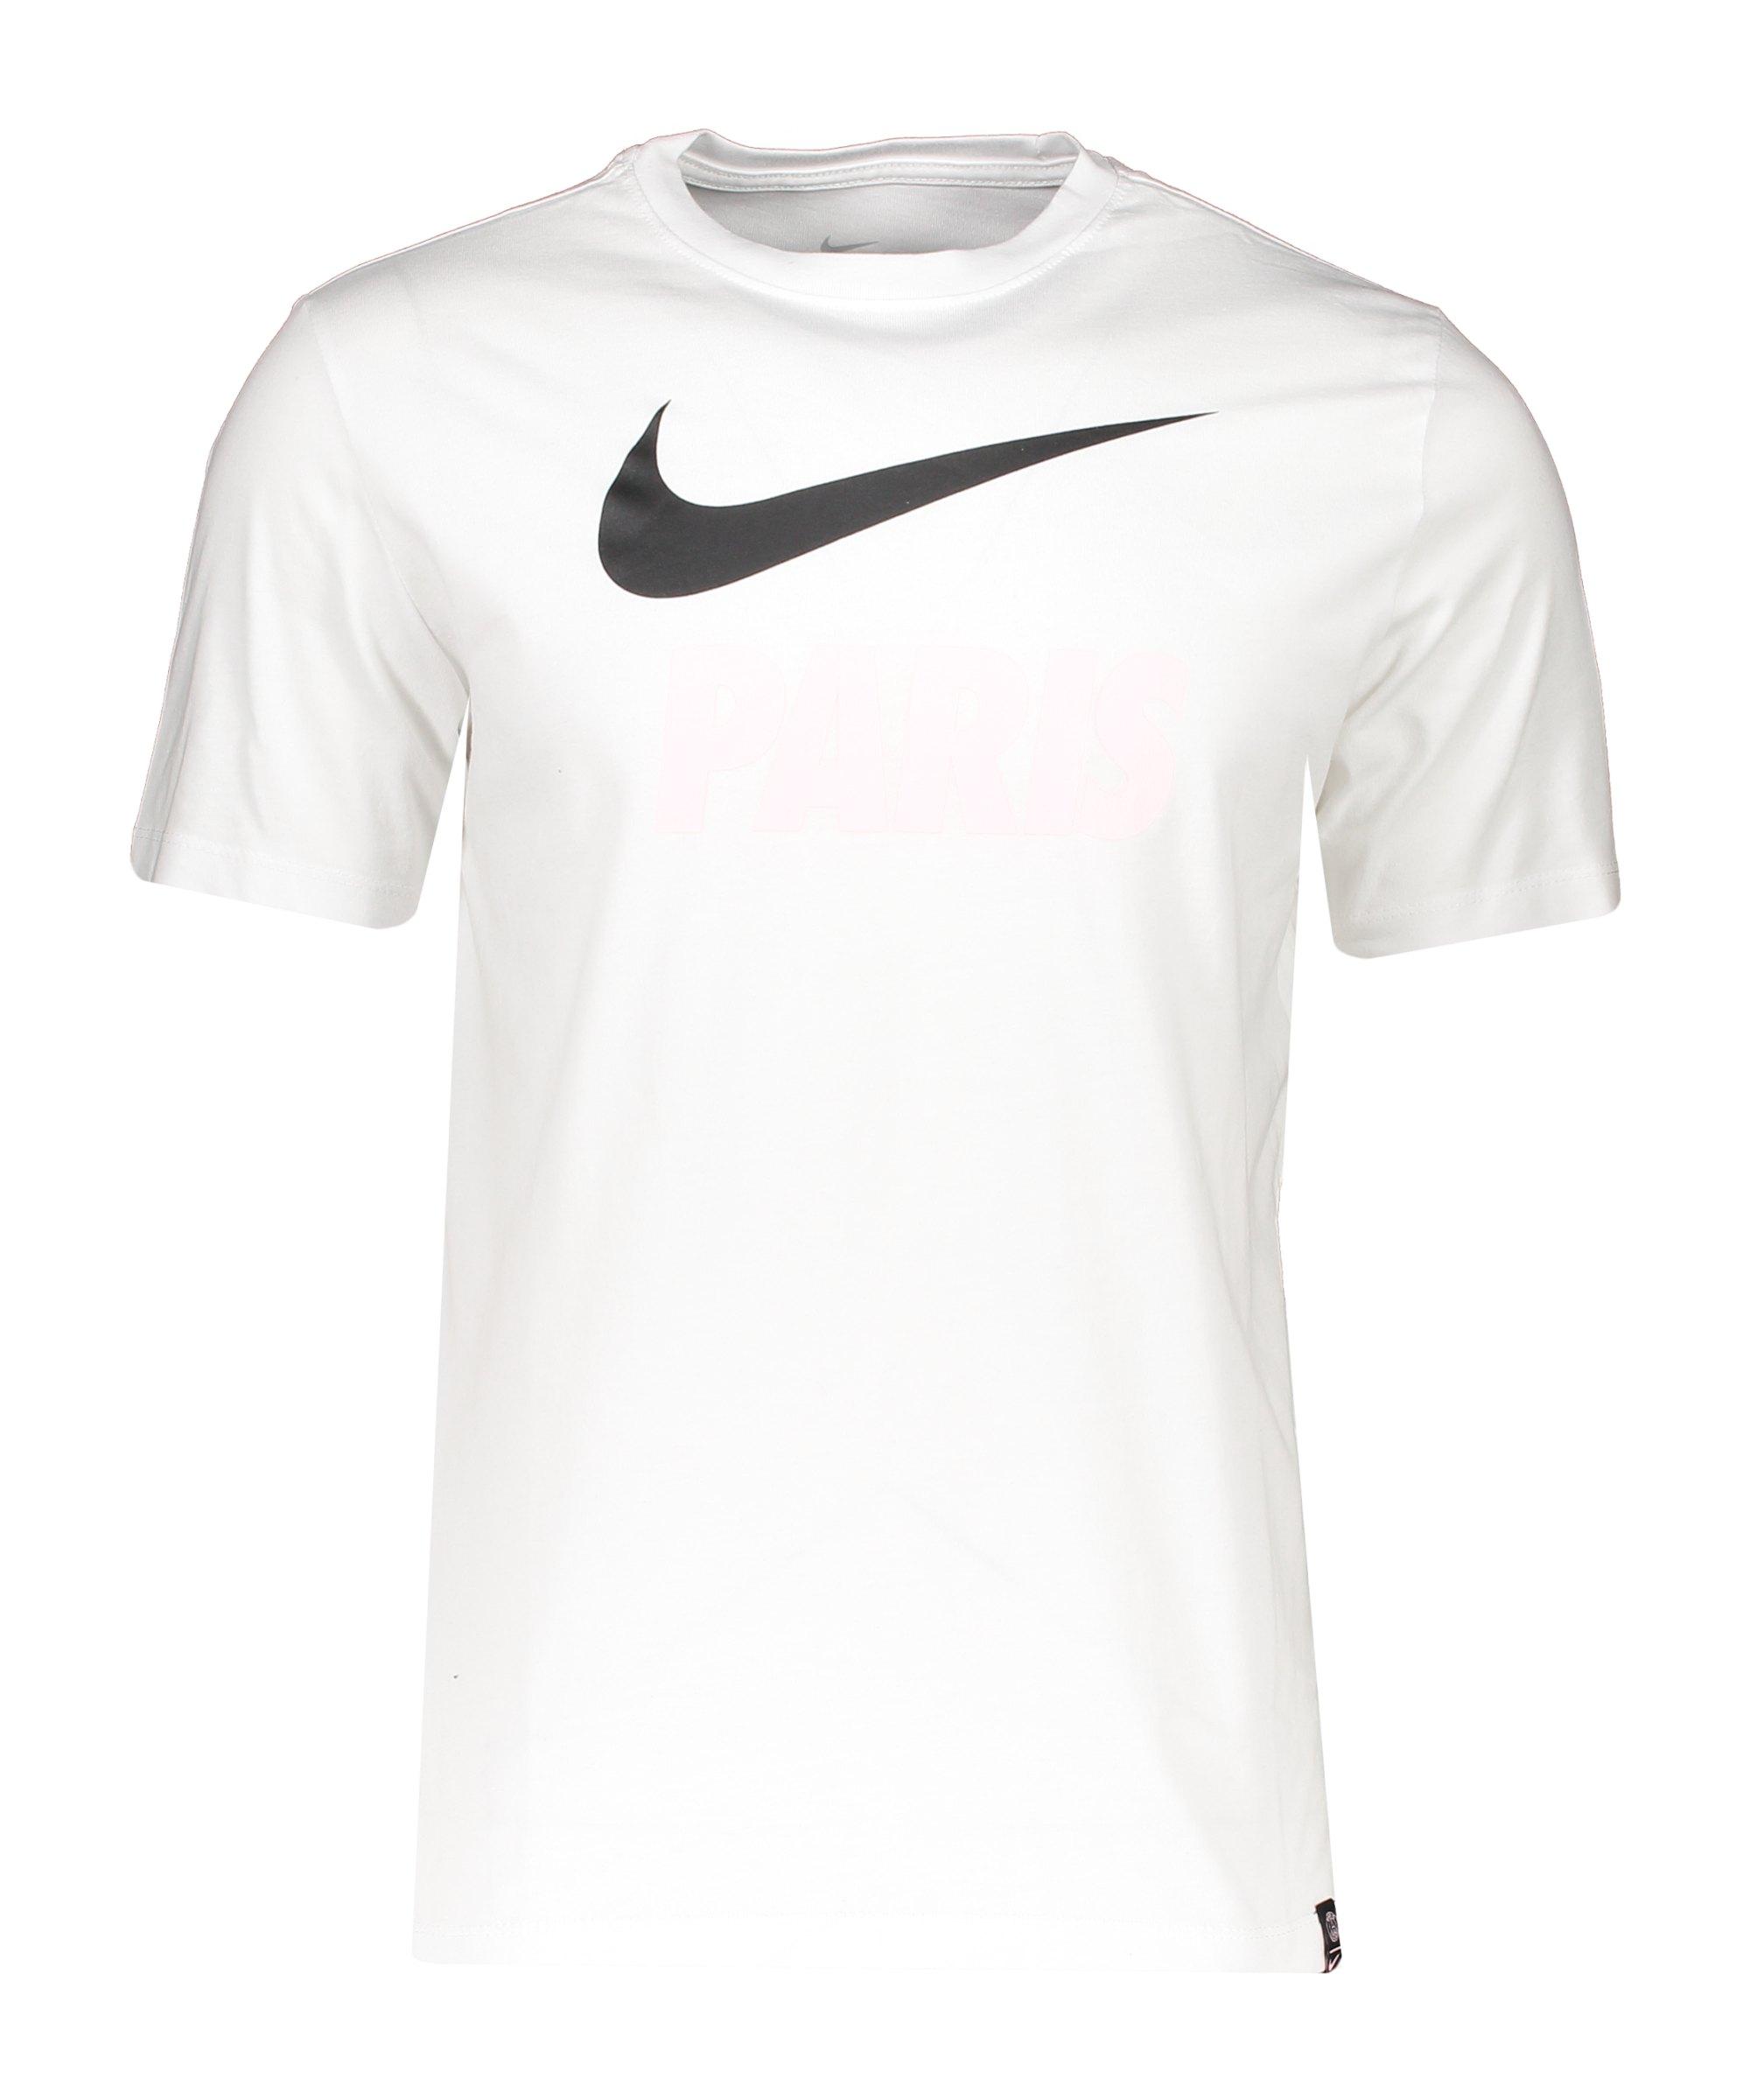 Nike Paris St. Germain Street T-Shirt Weiss F100 - weiss